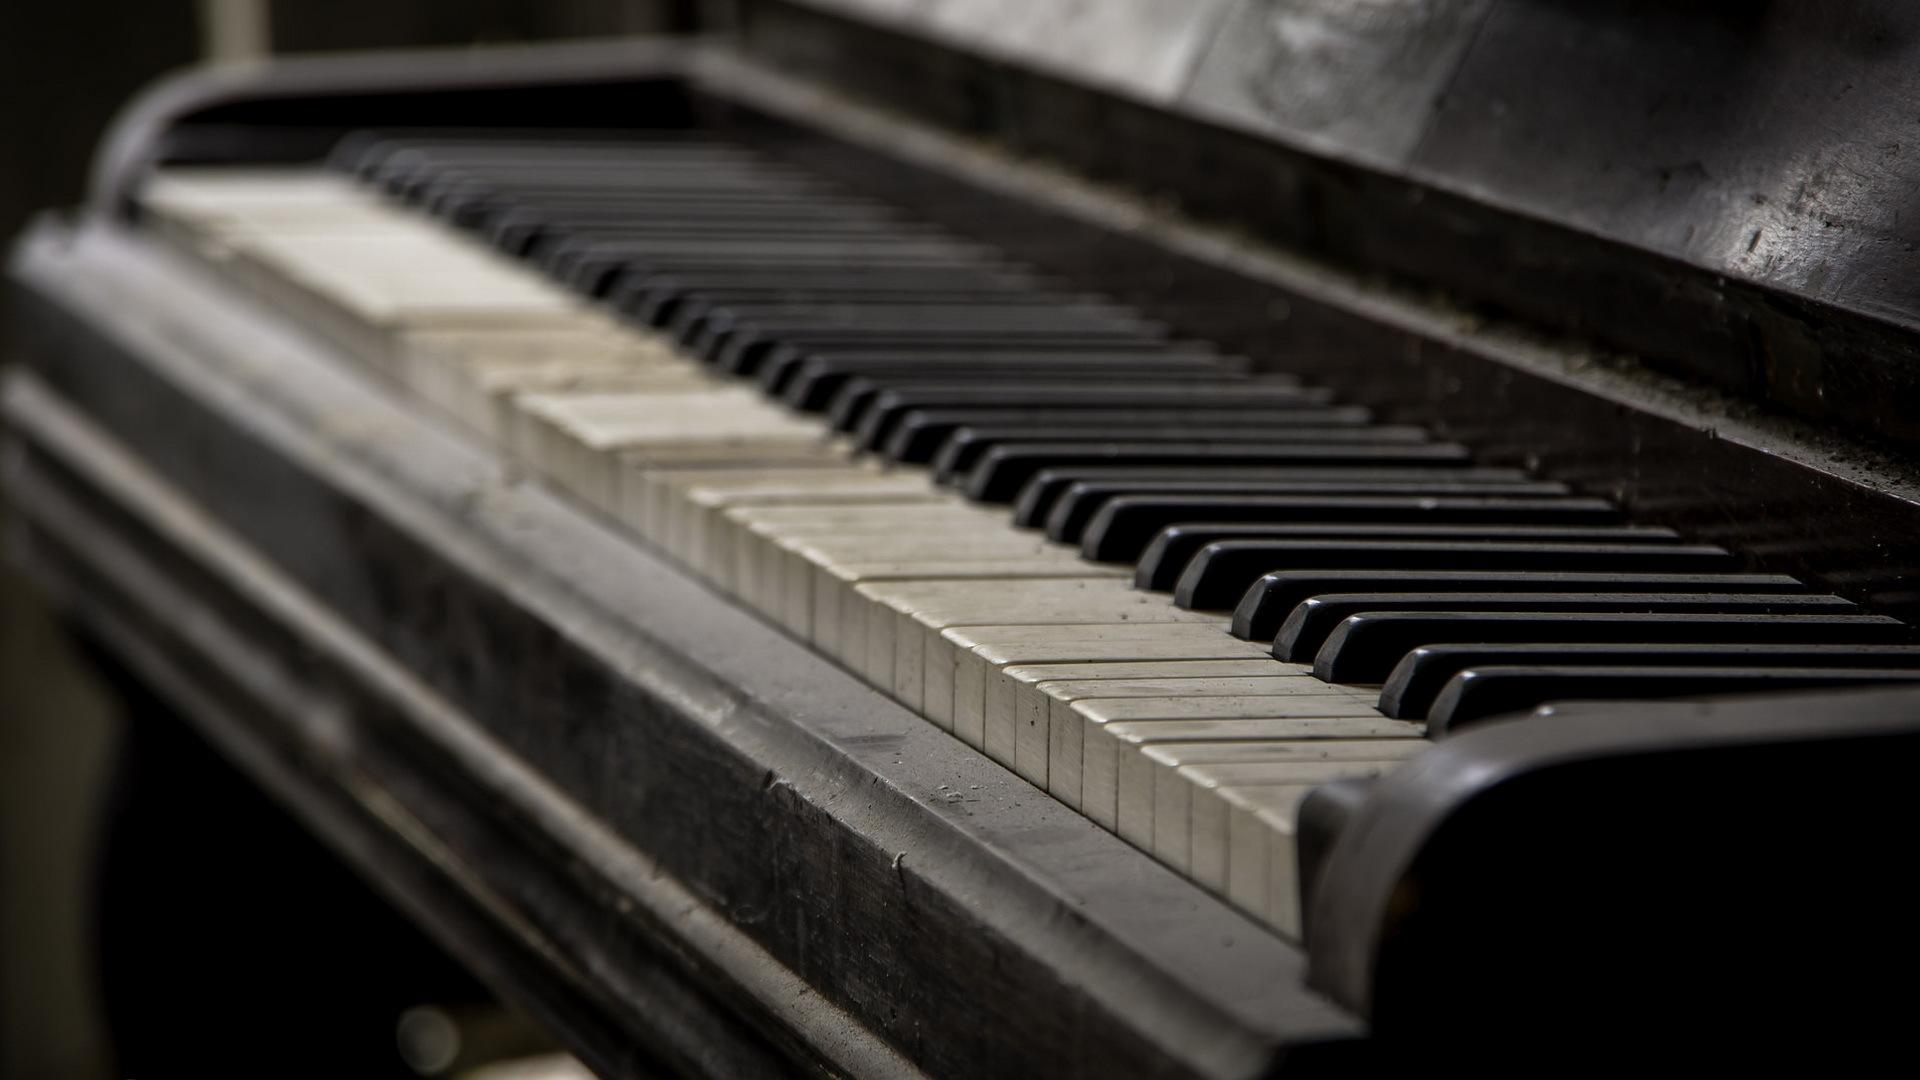 картинки фортепиано на телефон обувь